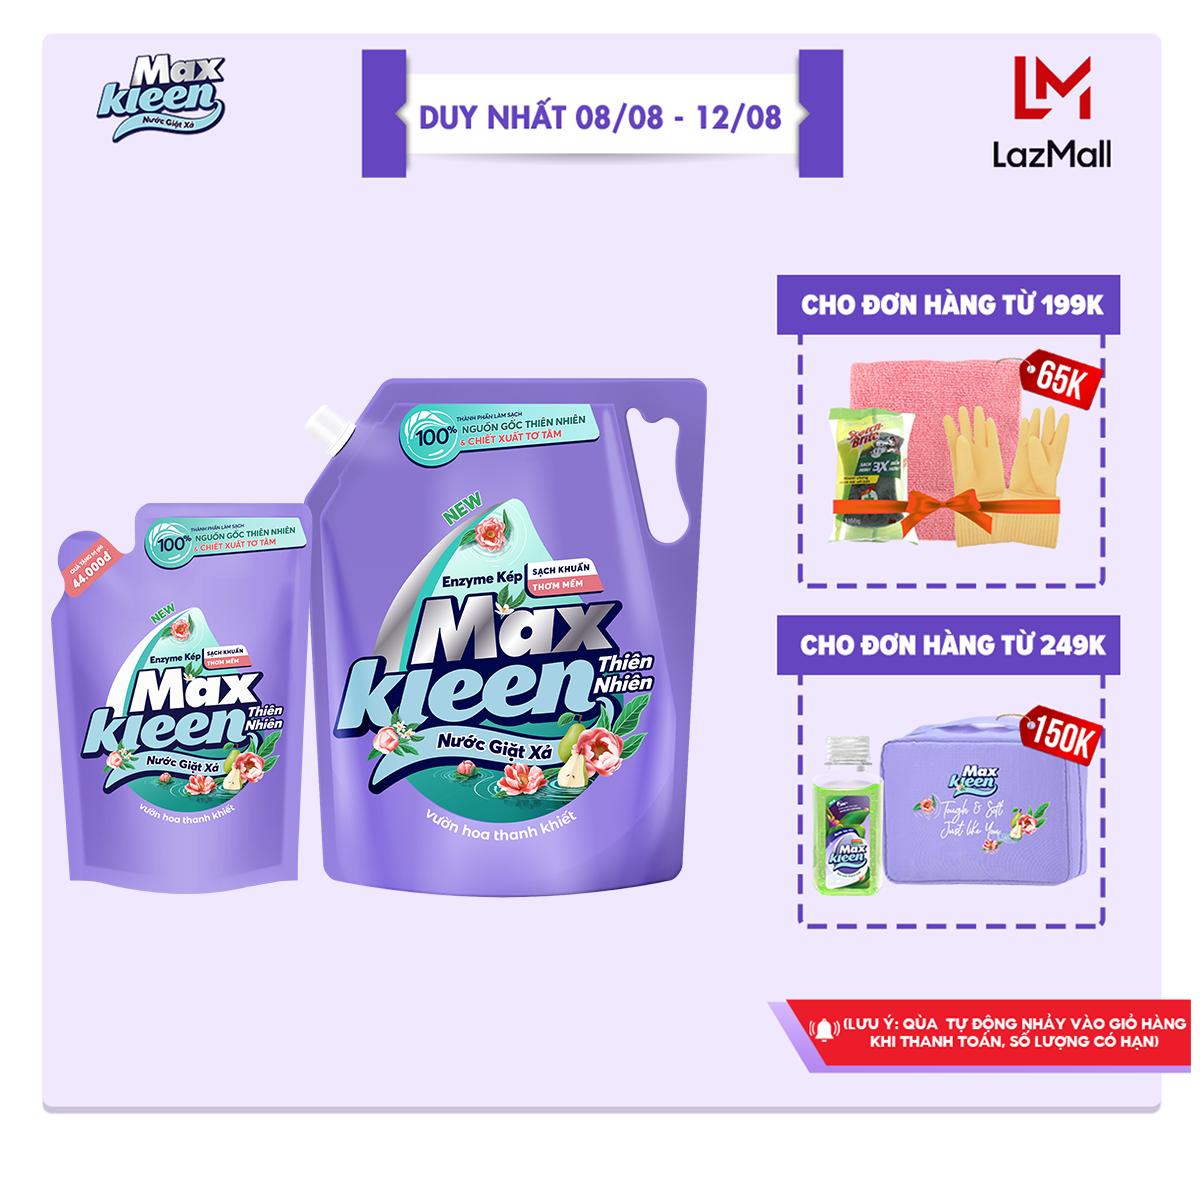 Combo Nước Giặt Xả MaxKleen Thiên Nhiên: 1 túi 2.2kg + 1 túi 600g